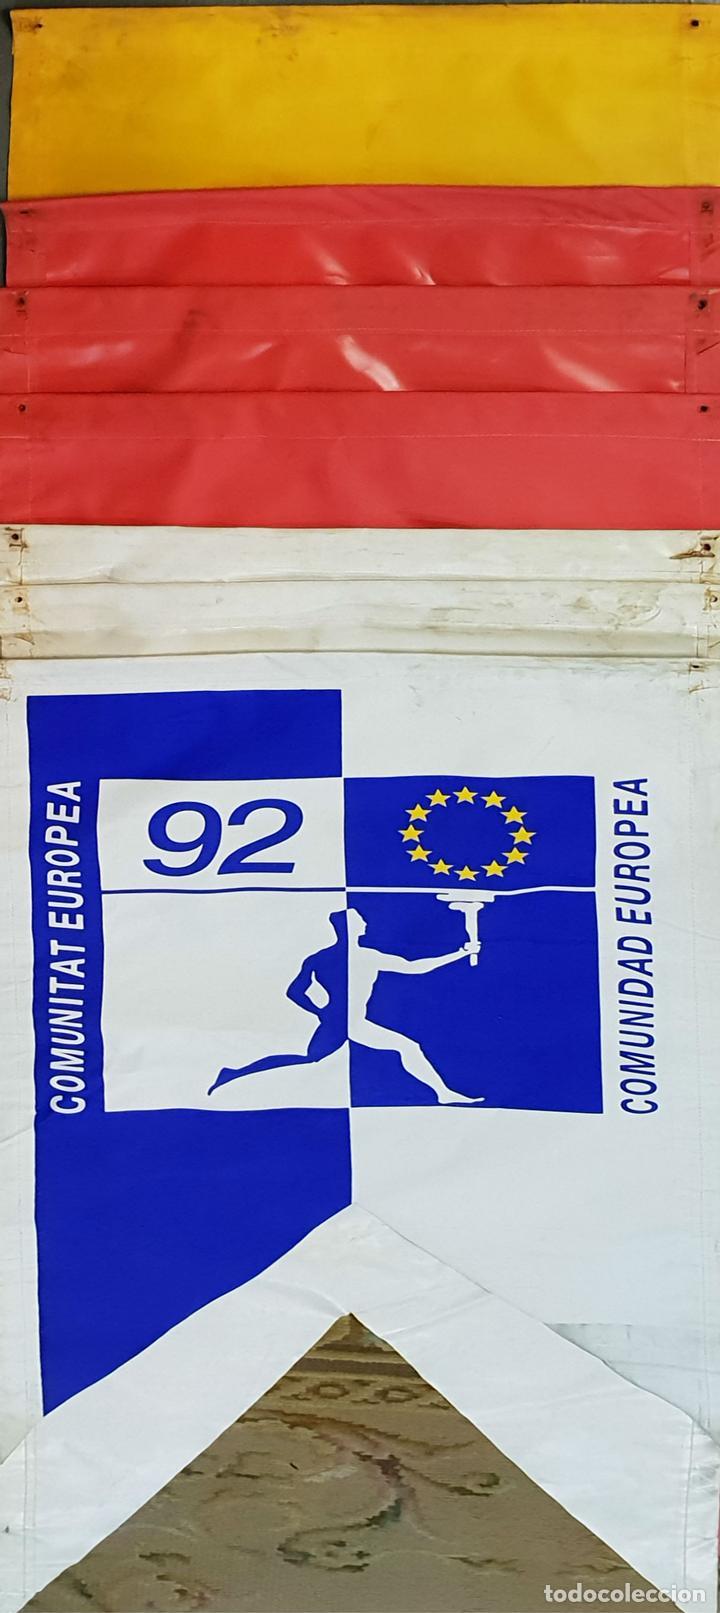 COLECCIÓN DE 7 BANDEROLAS. OLIMPIADAS DE BARCELONA 1992. COOB 92. 1990. (Coleccionismo Deportivo - Banderas y Banderines otros Deportes)